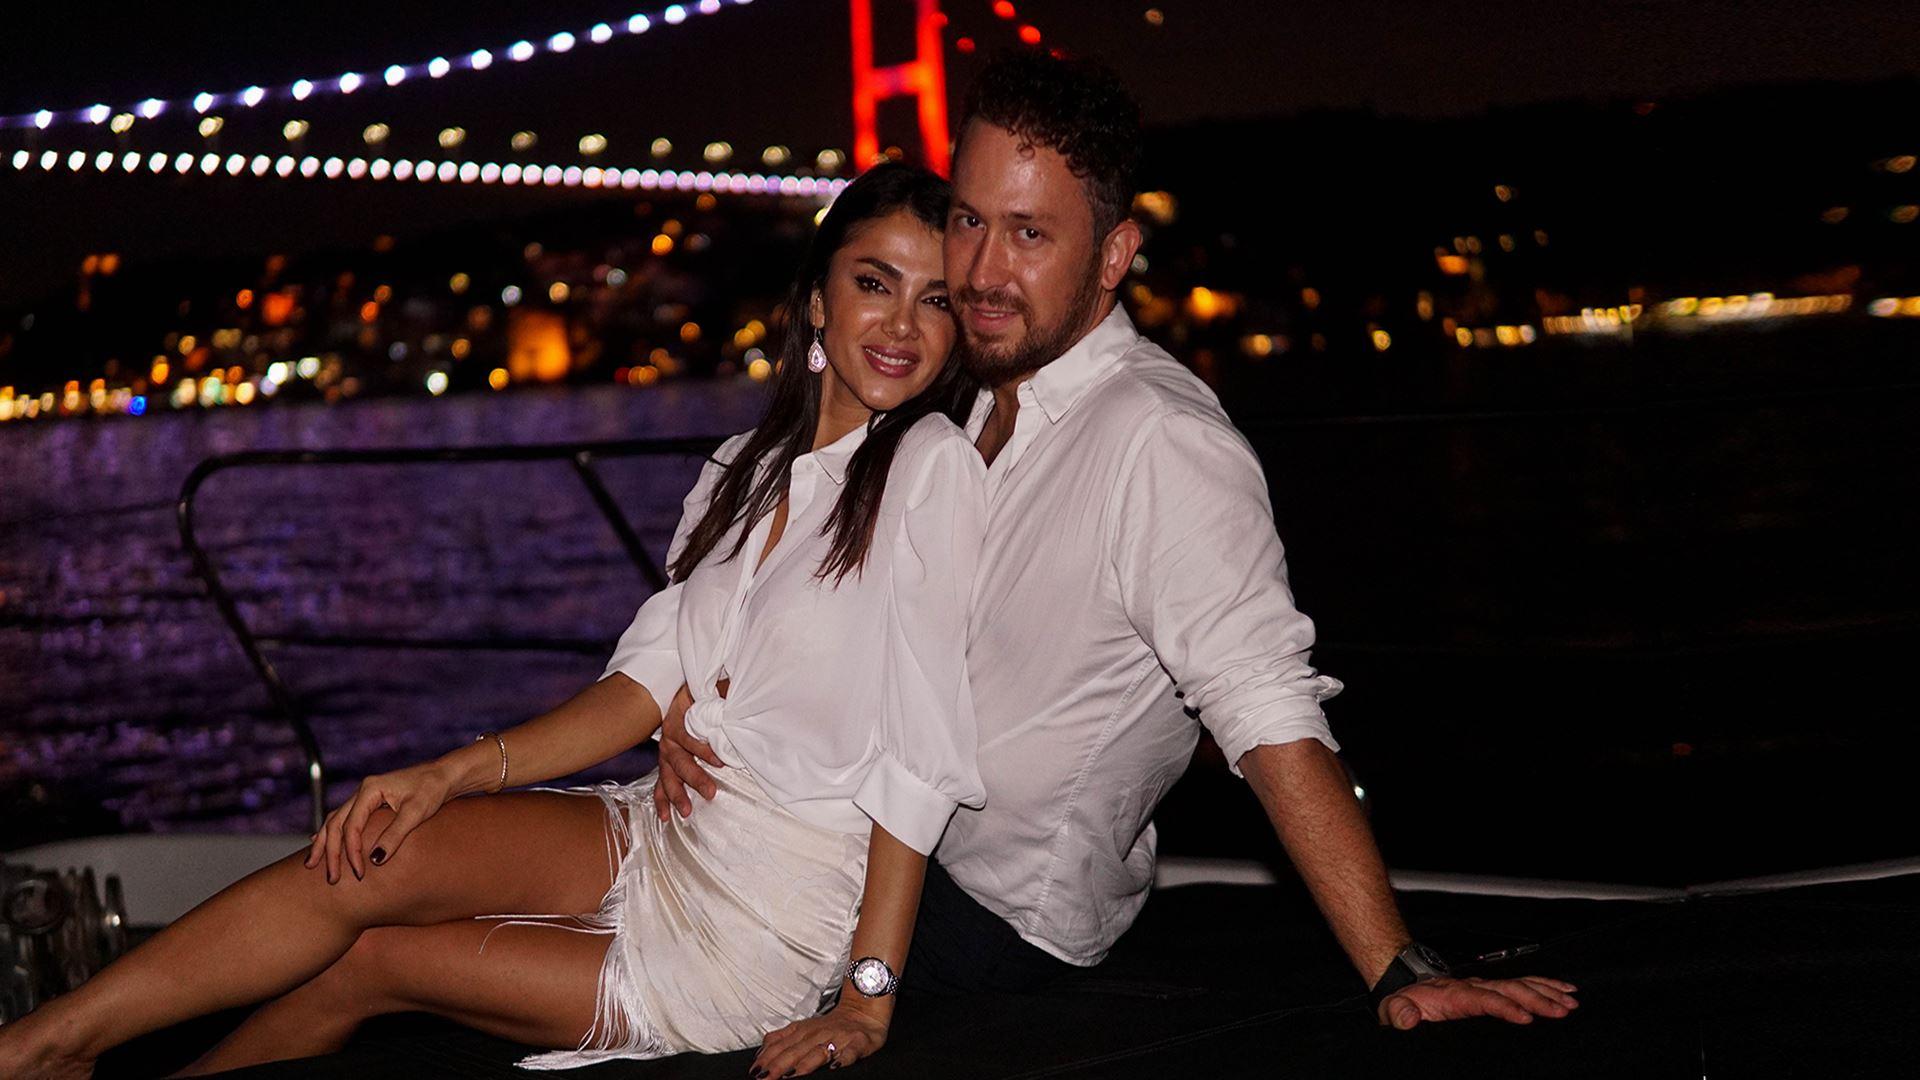 İstanbul'da gün batımında, denizde gezinti yapan Deryat üzerinde mutlu bir çift sarılarak poz veriyor